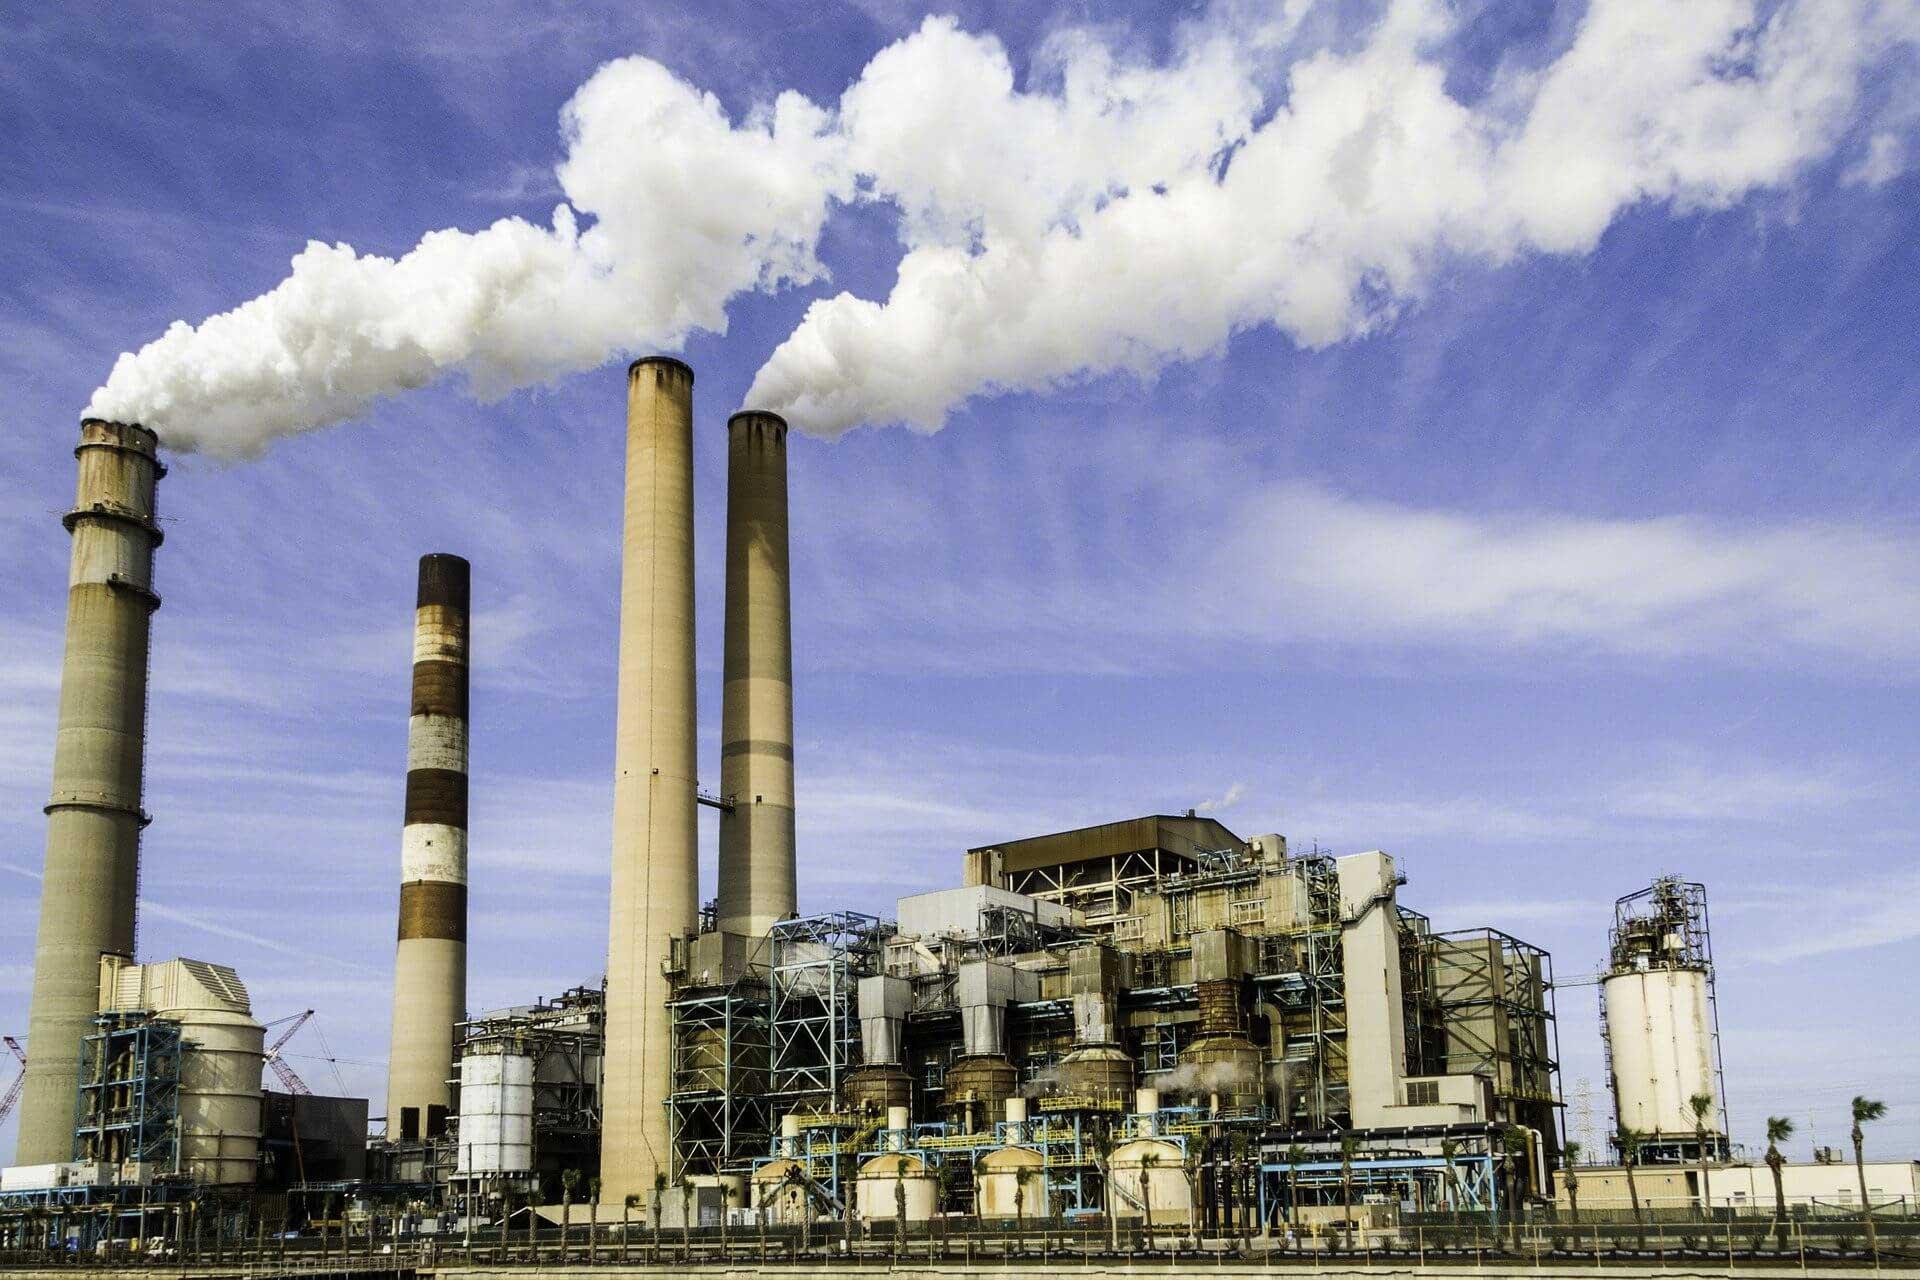 Tình trạng ô nhiễm không khí tại nhà máy